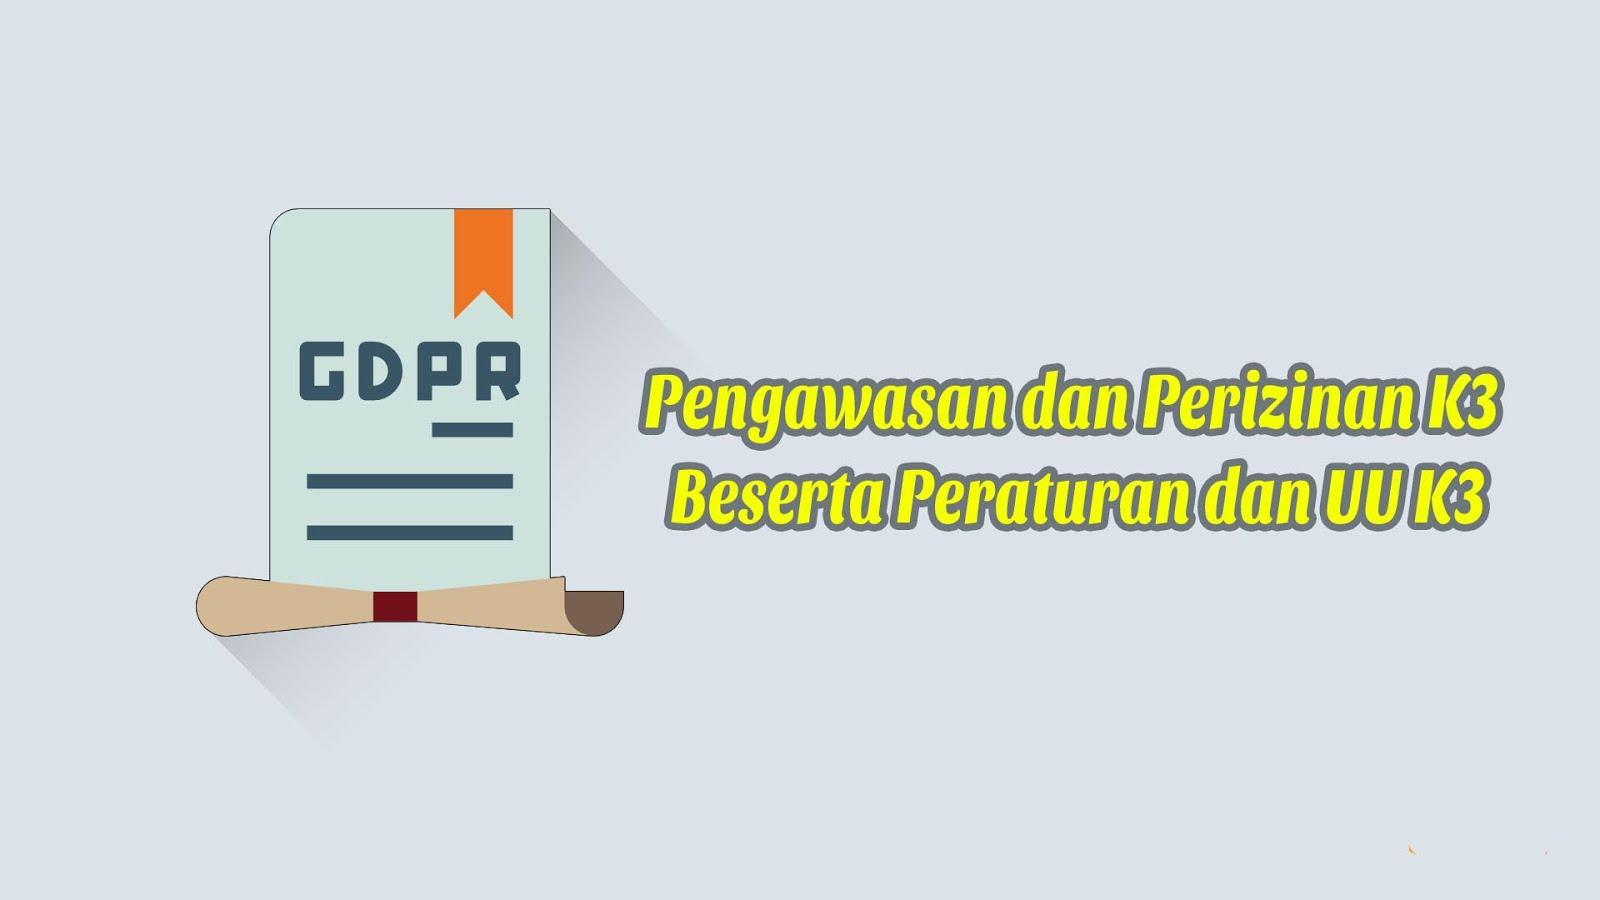 Pengawasan dan Perizinan K3 Beserta Peraturan dan UU K3